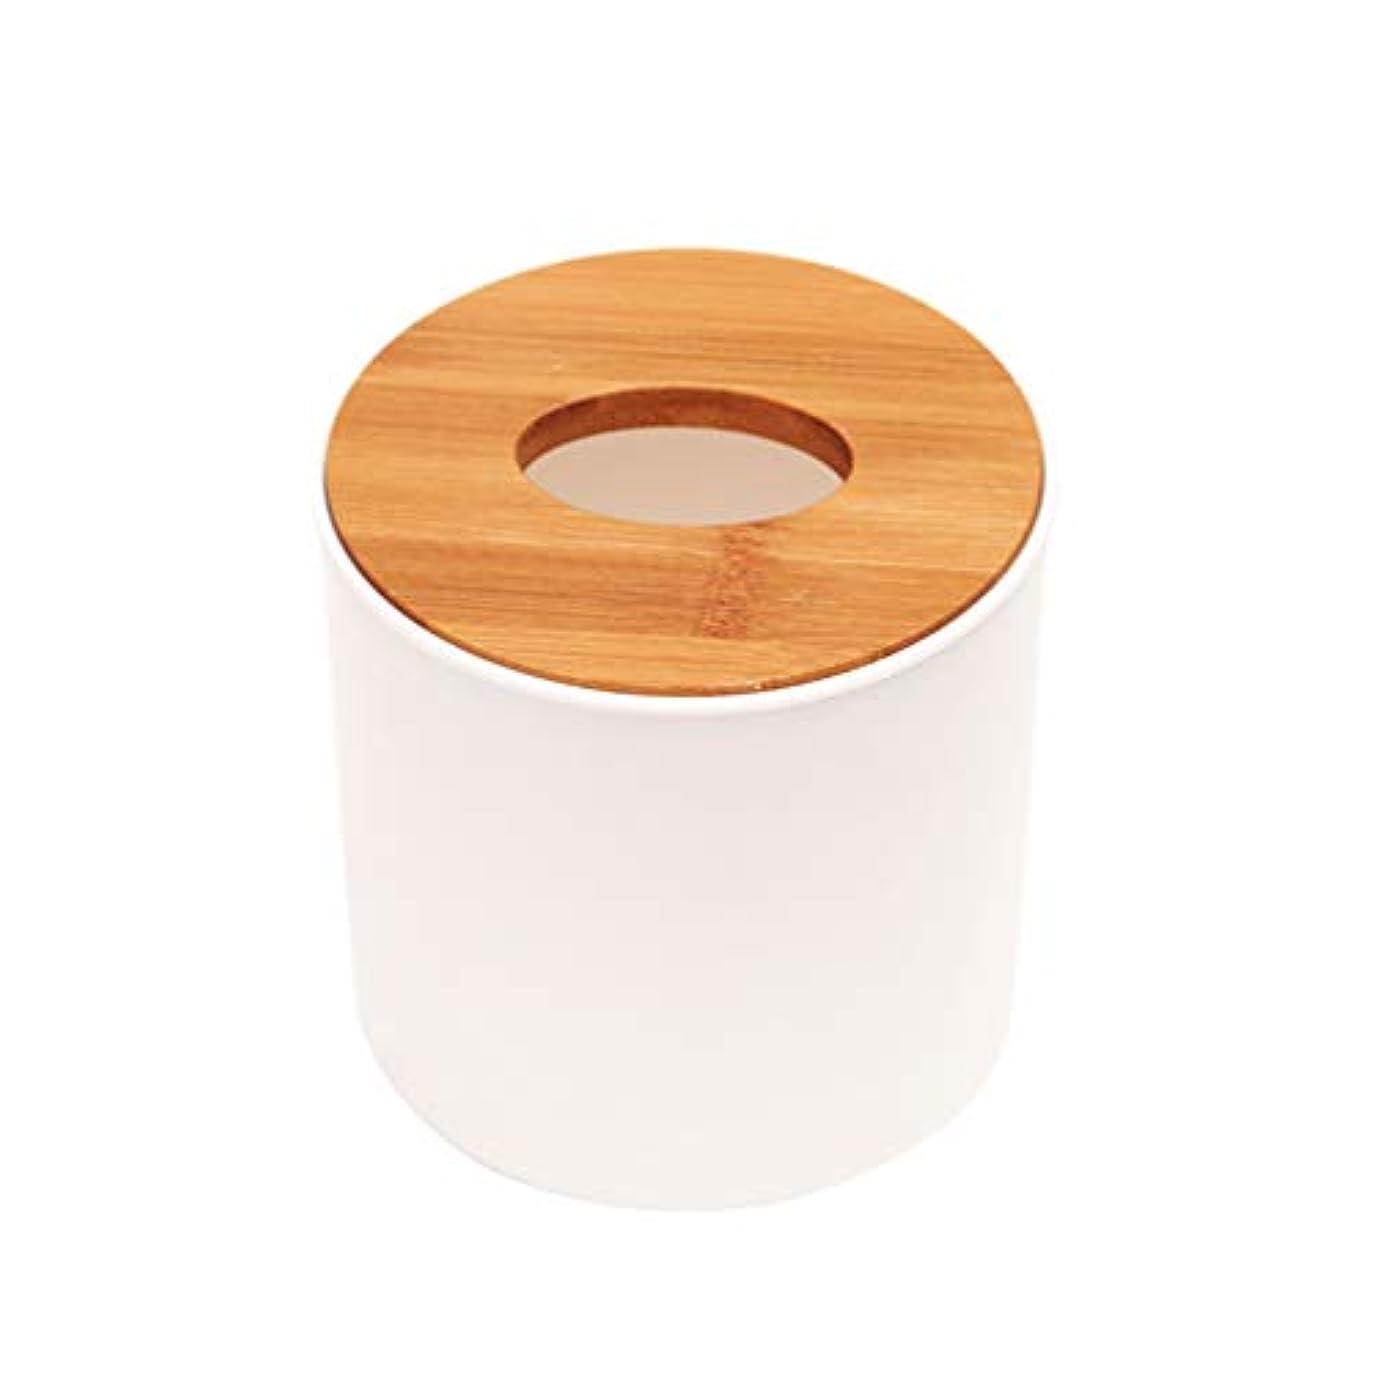 遺体安置所学んだシットコムTOPBATHY 2ピースティッシュボックス円筒木製カバープラスチック耐久性のあるティッシュペーパーホルダーオフィスホーム用品白